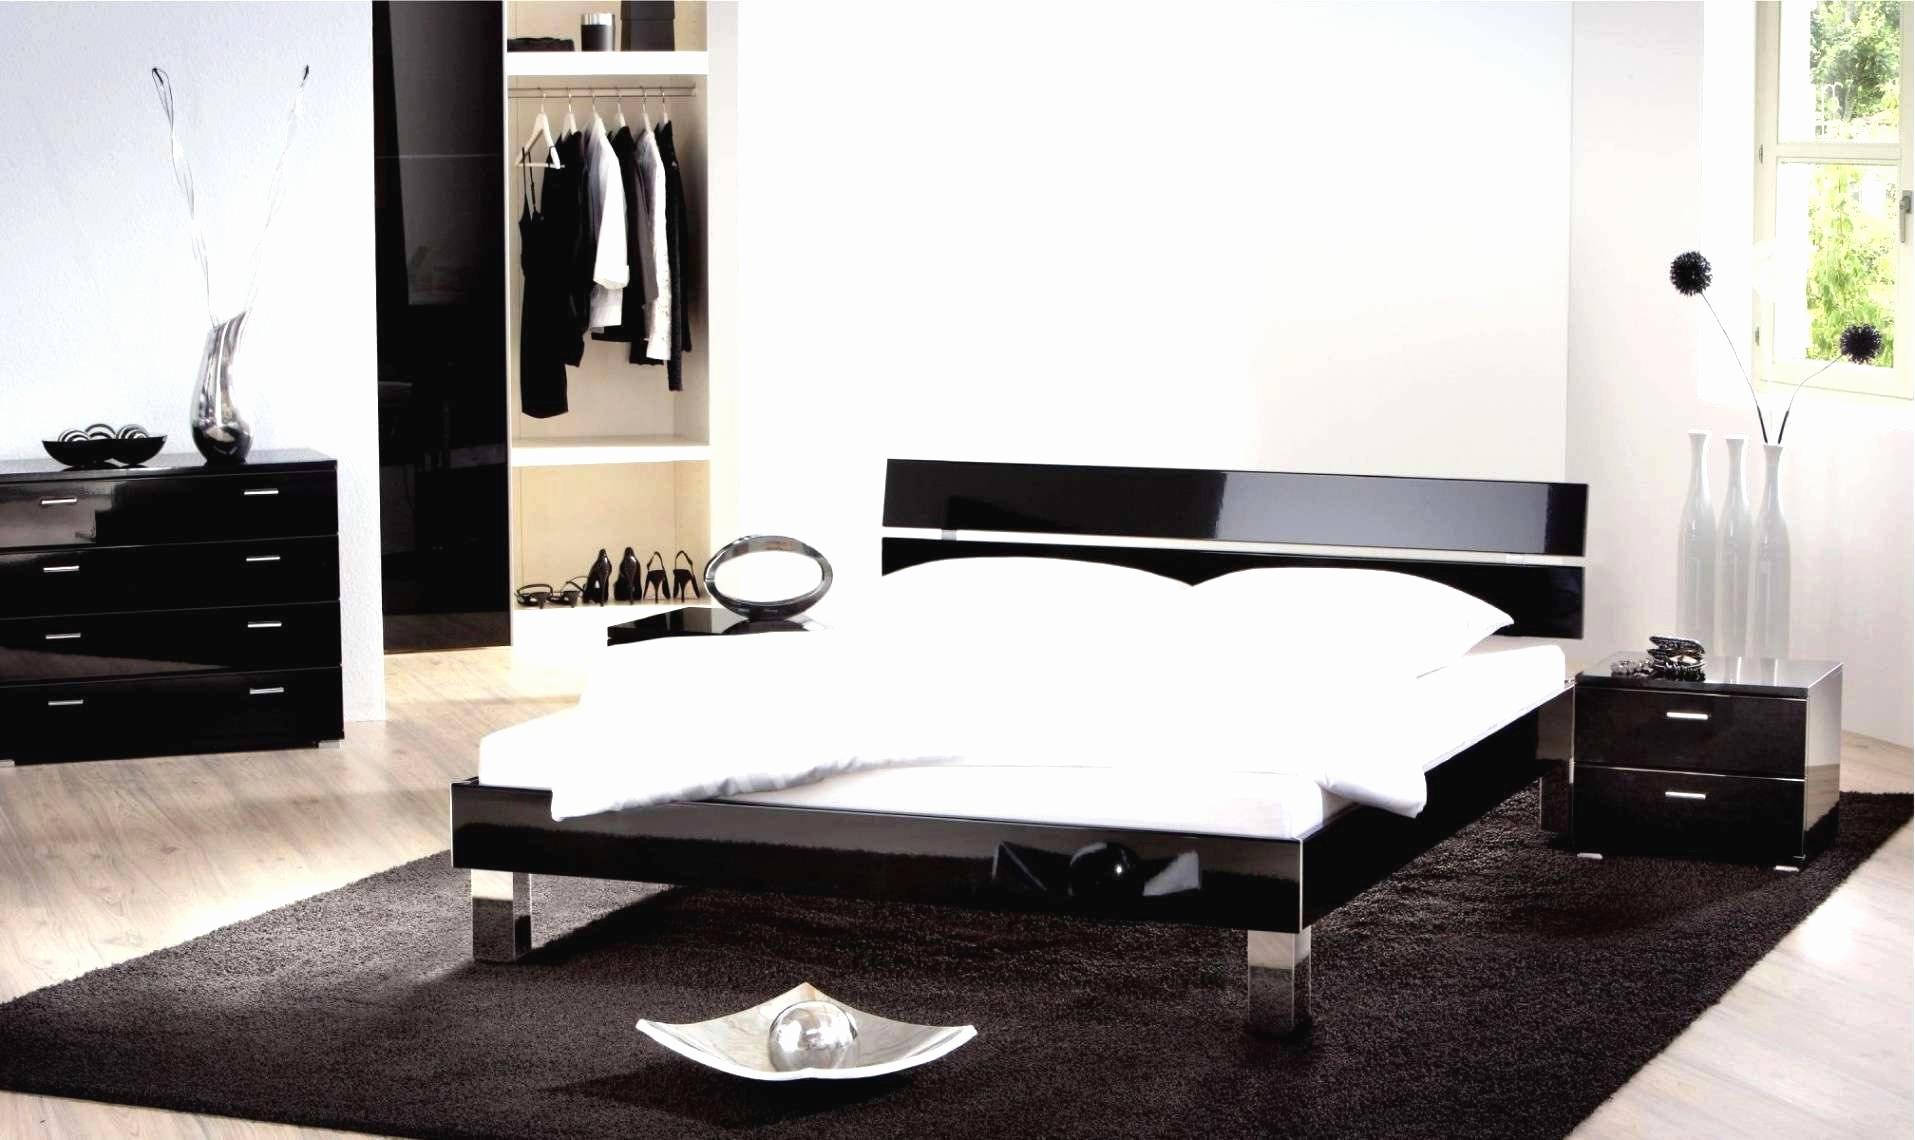 Full Size of Ikea Schlafzimmer Einrichtungsideen Deko Ideen Hemnes Kallax Pinterest Klein Bett Erfahrung Inspirierend Bed Uitstekende Komplett Günstig Gardinen Weißes Wohnzimmer Ikea Schlafzimmer Ideen